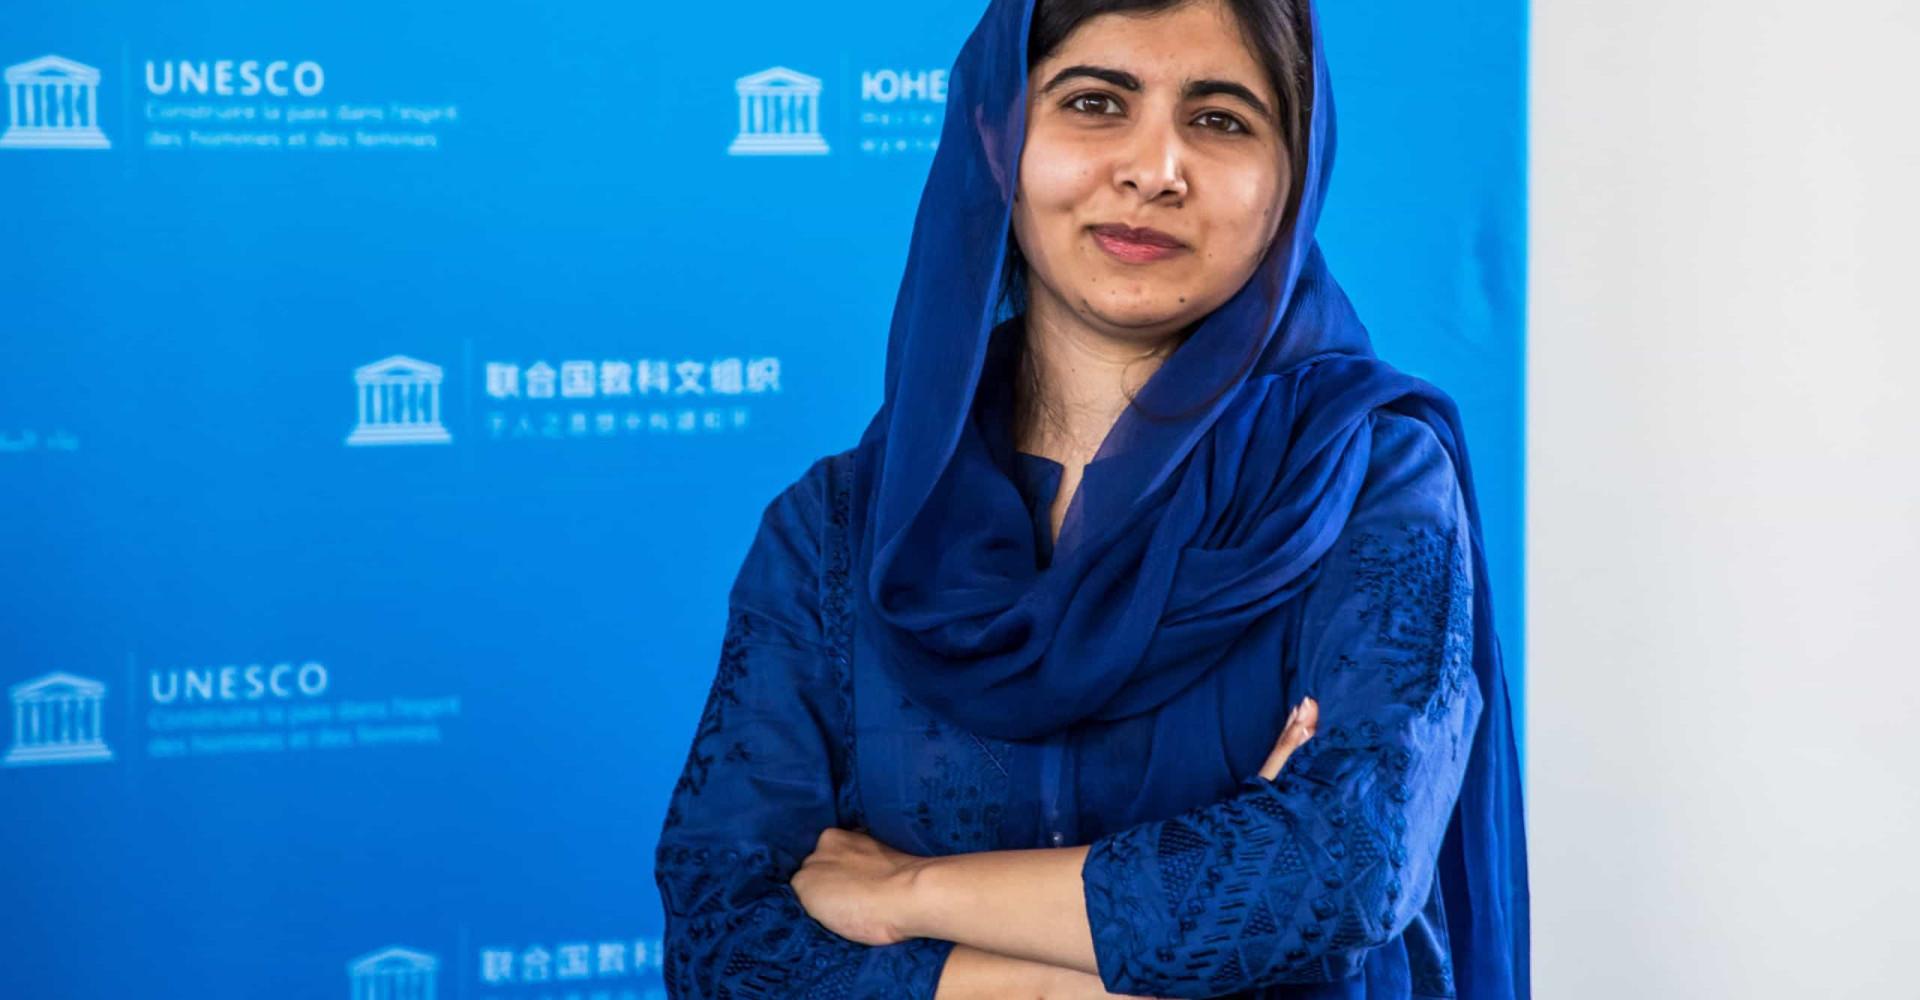 Malala Yousafzai y otros jóvenes activistas que están cambiando el mundo